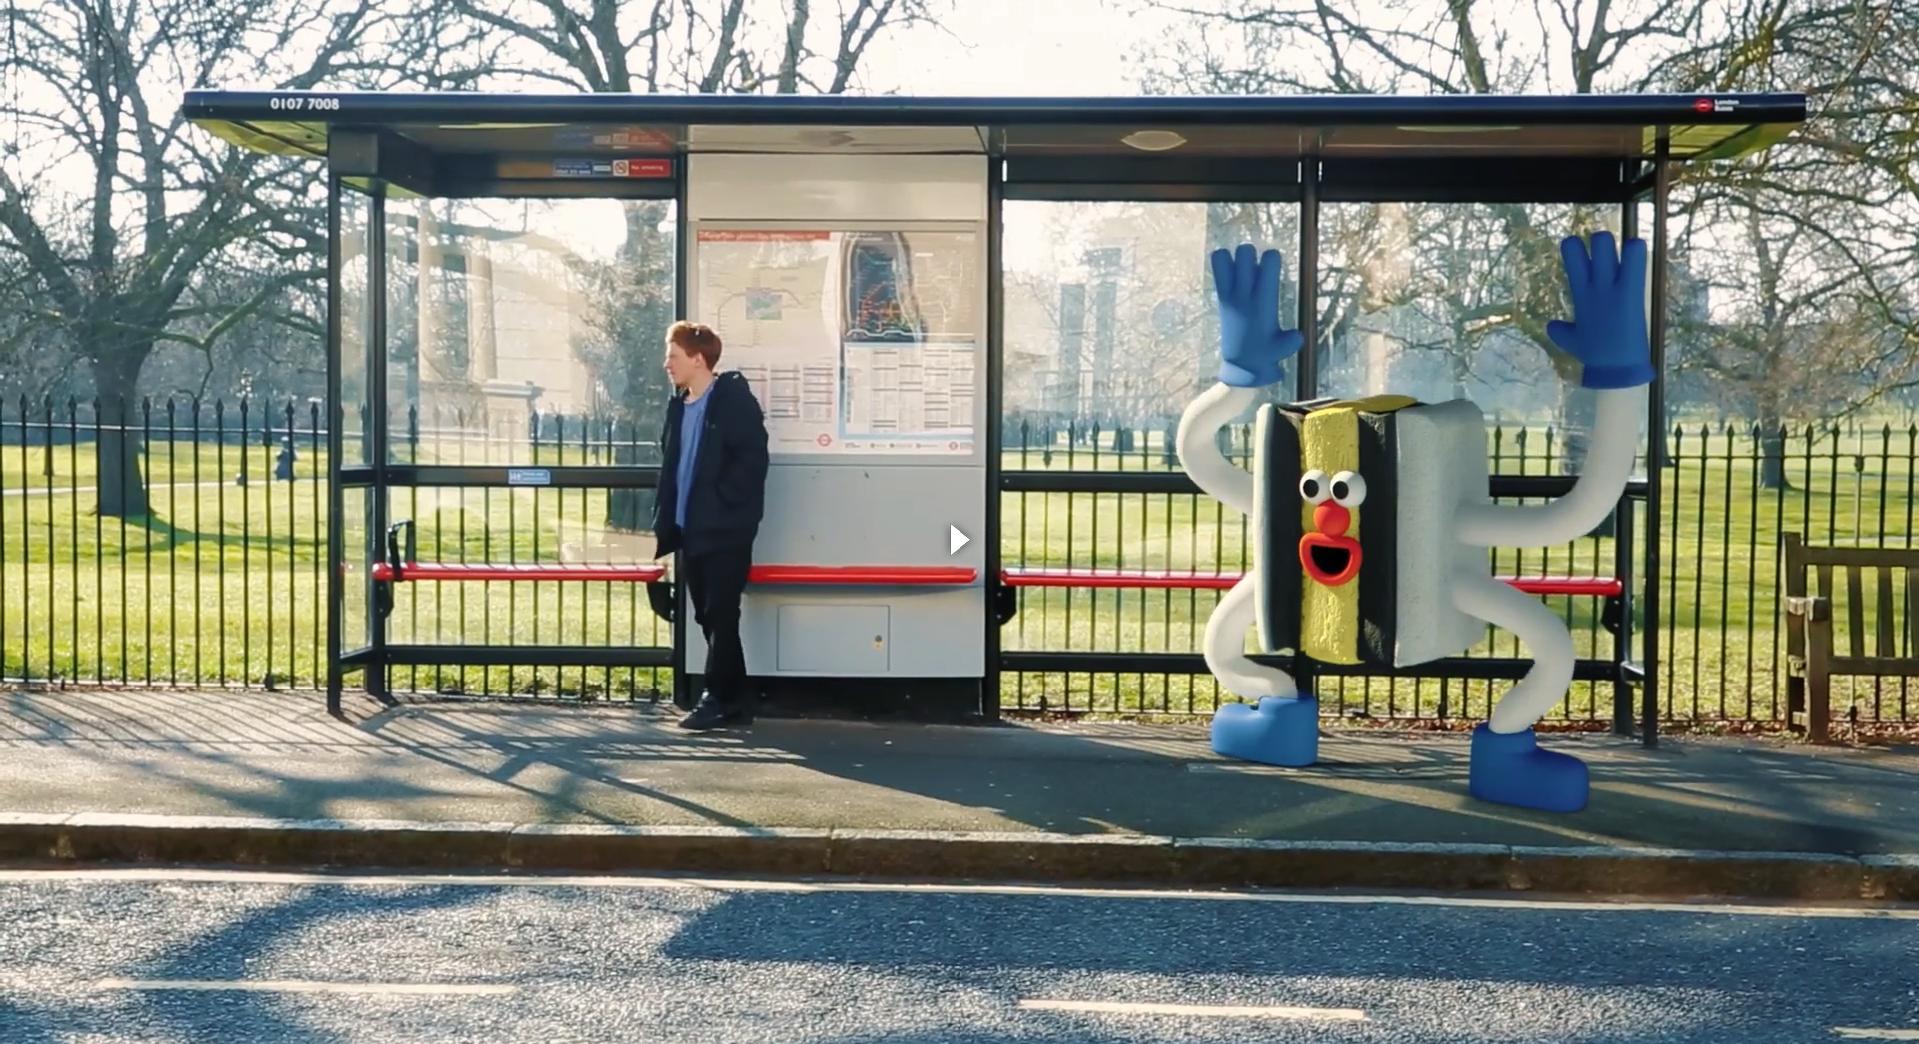 Un extraverti en train d'embêter un introverti à un arrêt de bus. (https://www.youtube.com/watch?v=Bk-6VWZoR6s)